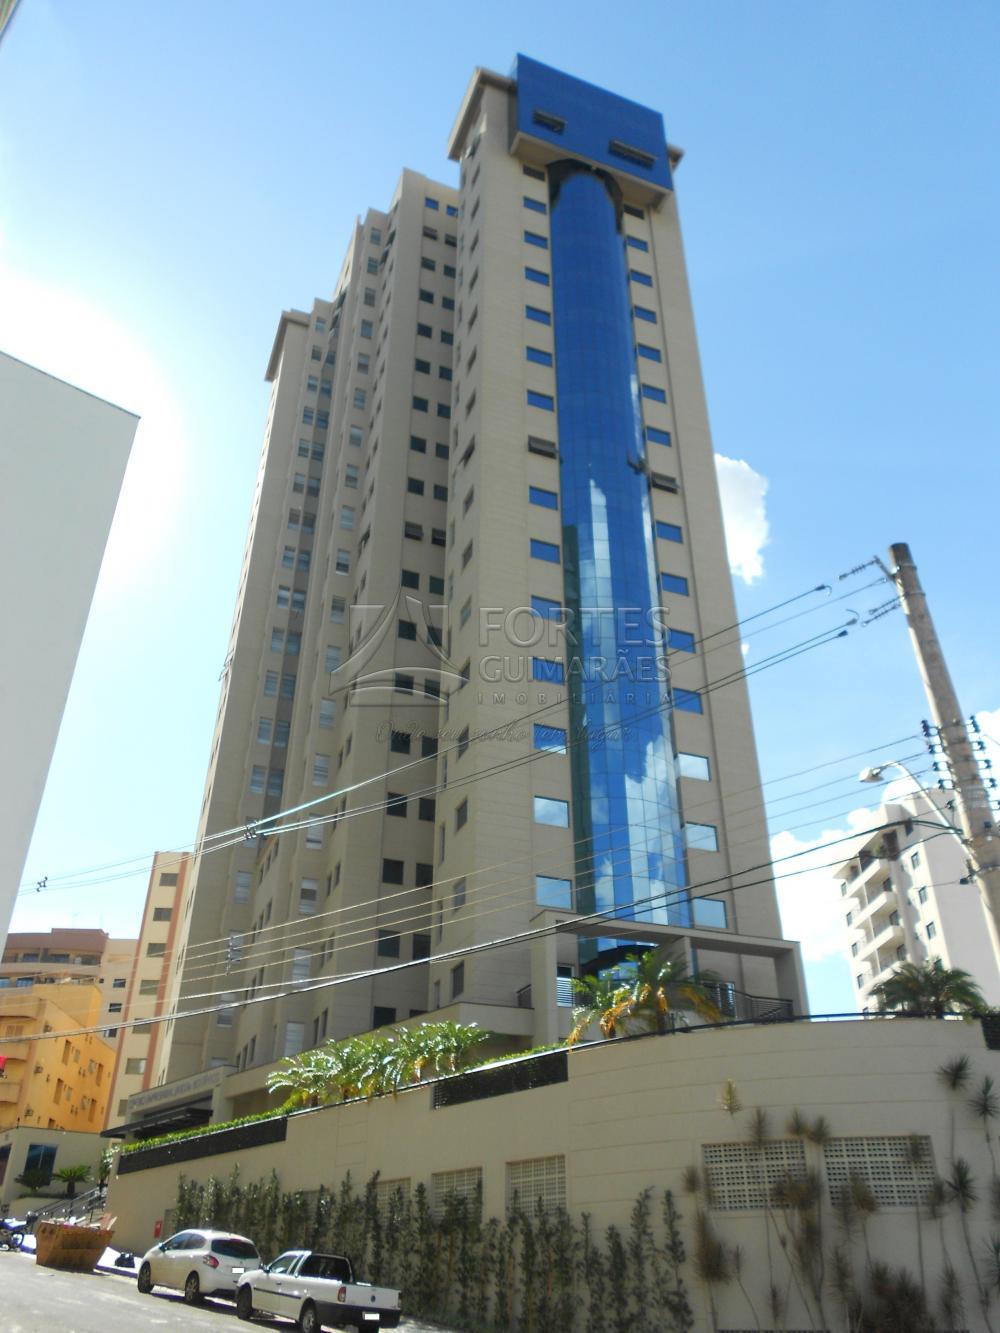 Alugar Comercial / Sala em Ribeirão Preto apenas R$ 900,00 - Foto 13